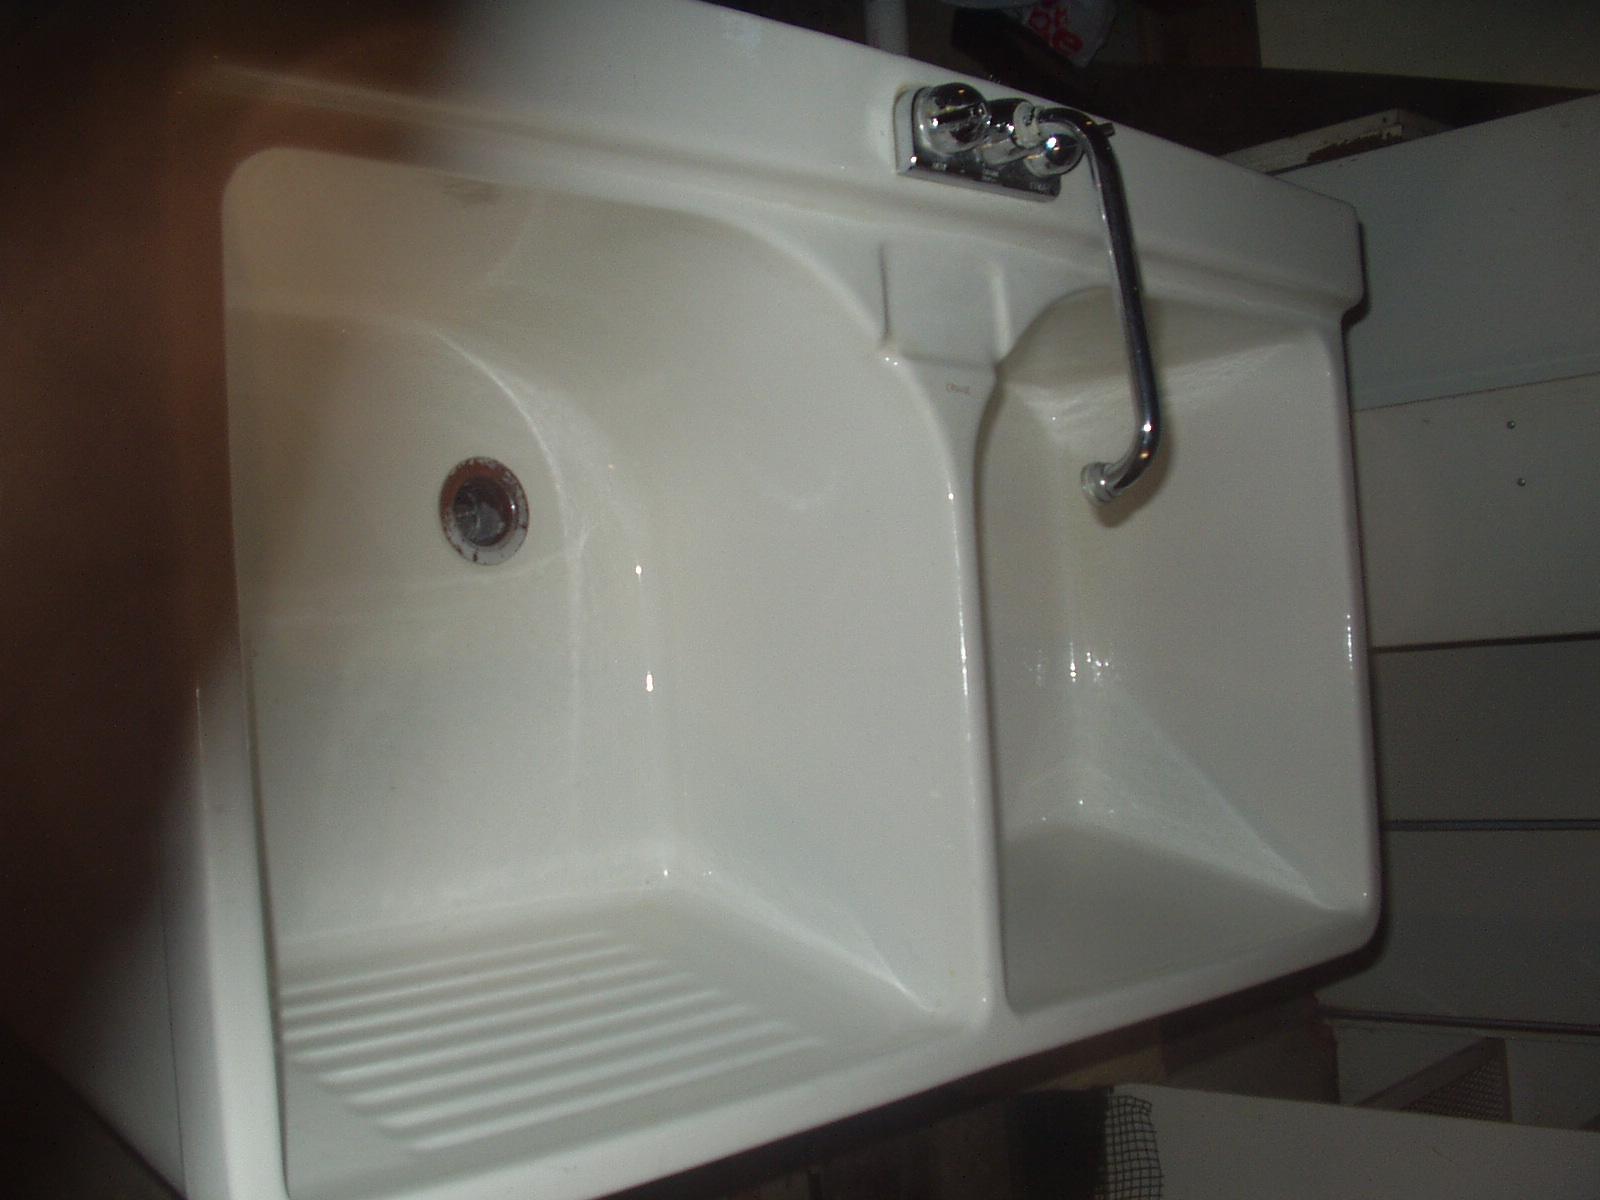 Cool Crane Sink Vintage Photos - The Best Bathroom Ideas - lapoup.com